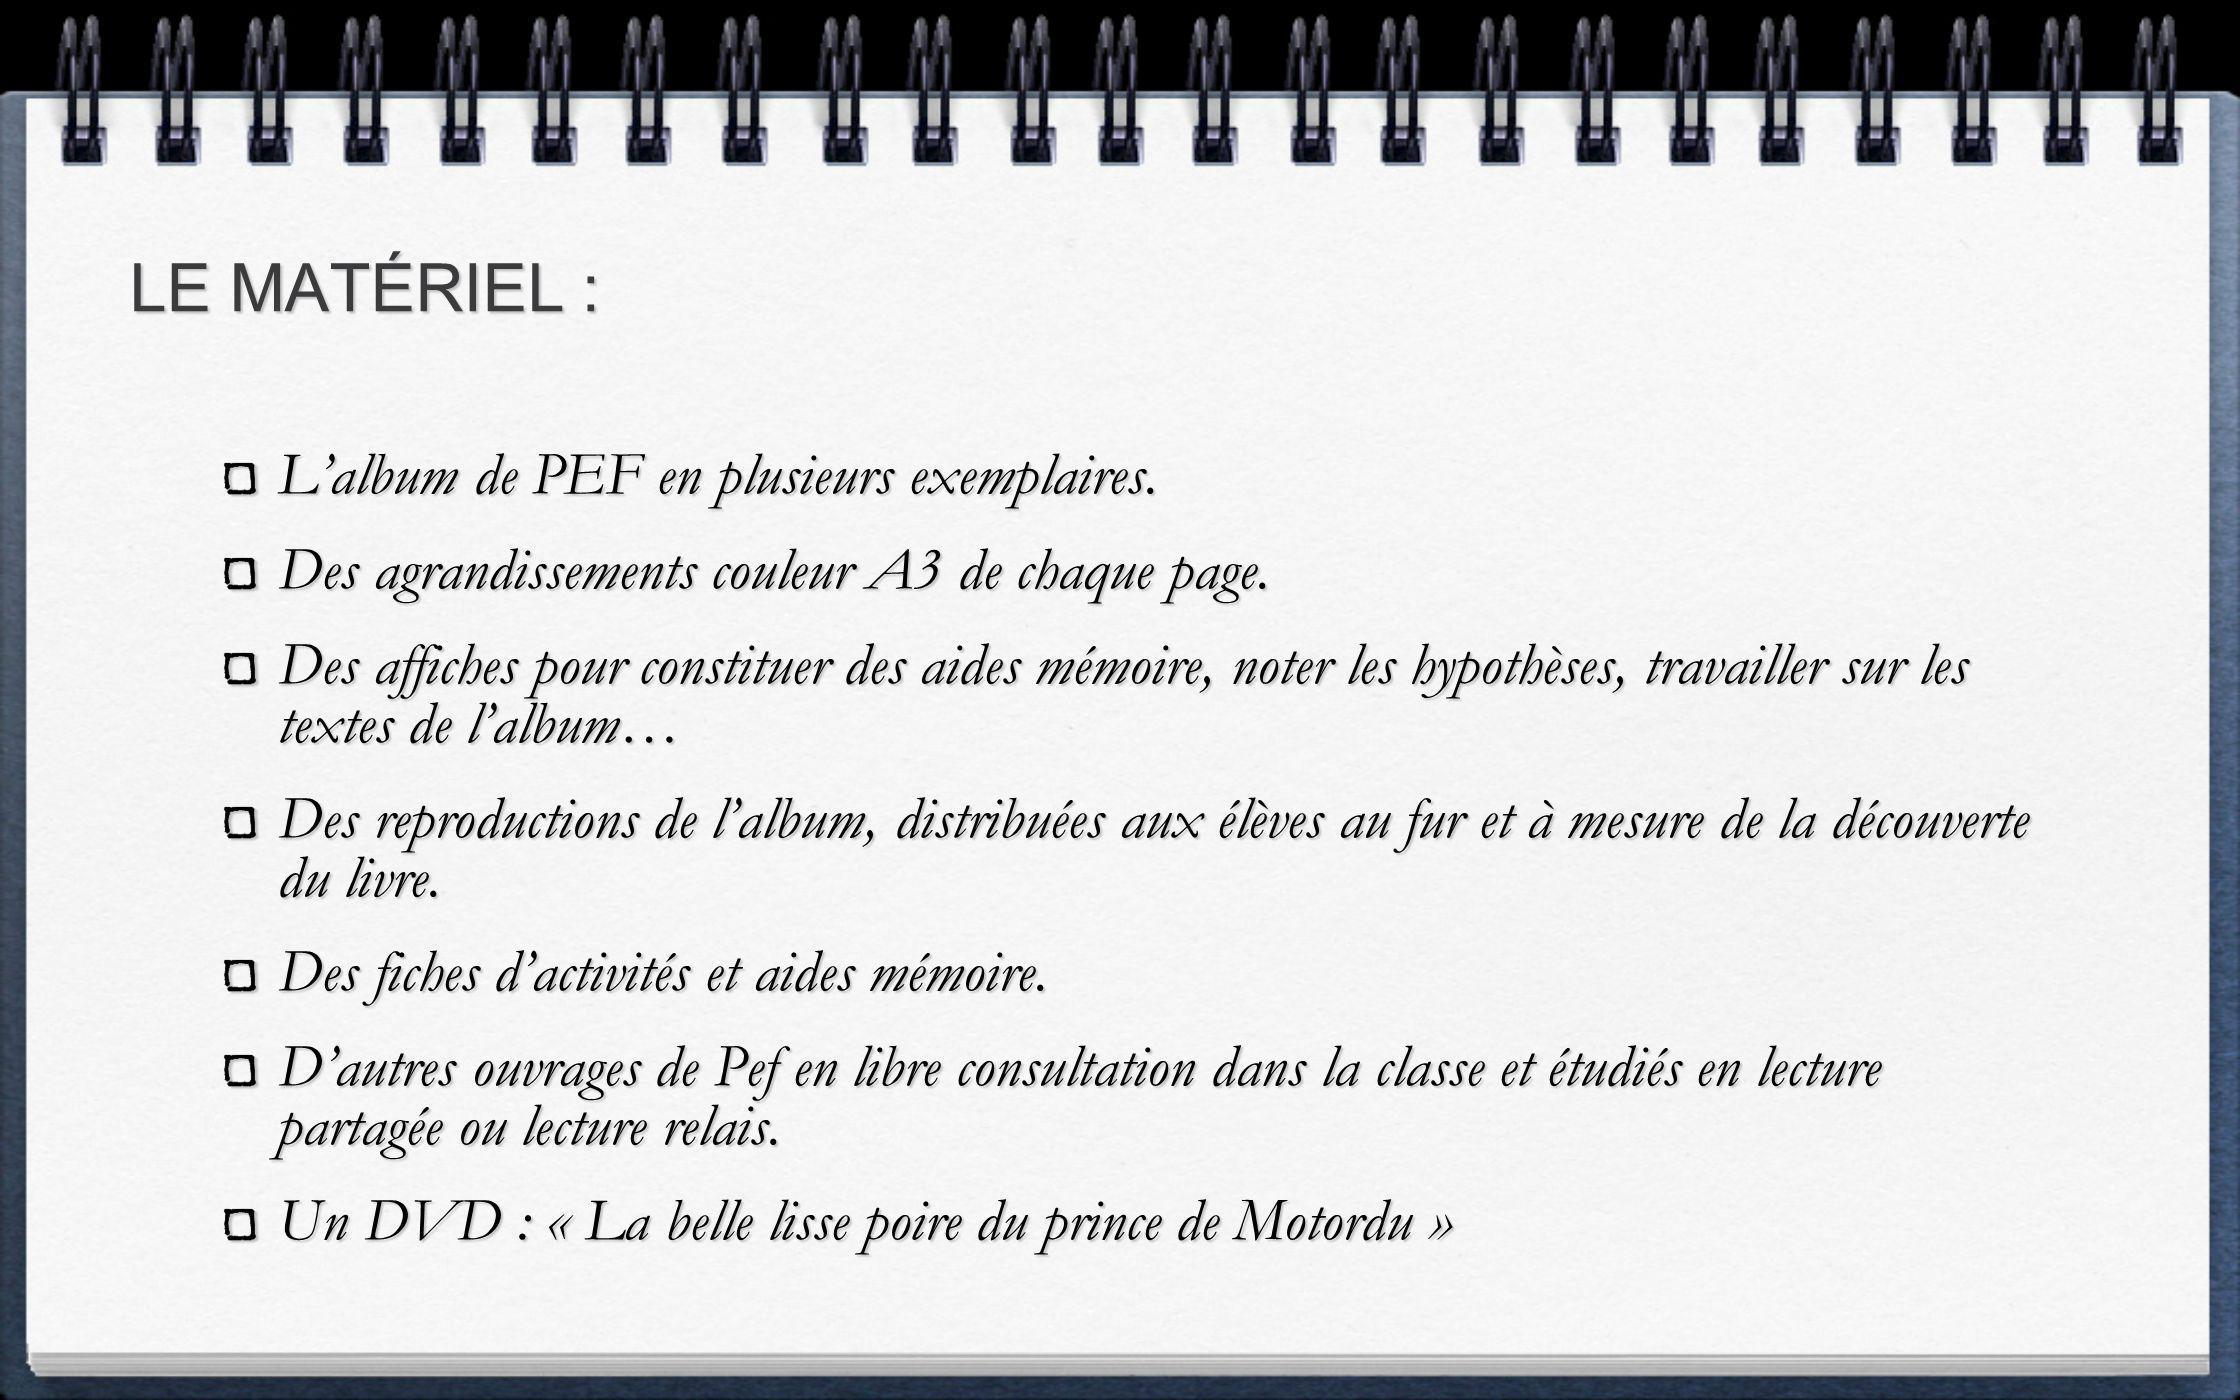 RÉALISATION DUN PHOTO ROMAN Daprès La belle lisse poire du prince de Motordu de Pef. Durée du projet : 8 semaines. Objectif : Adapter un récit et le t